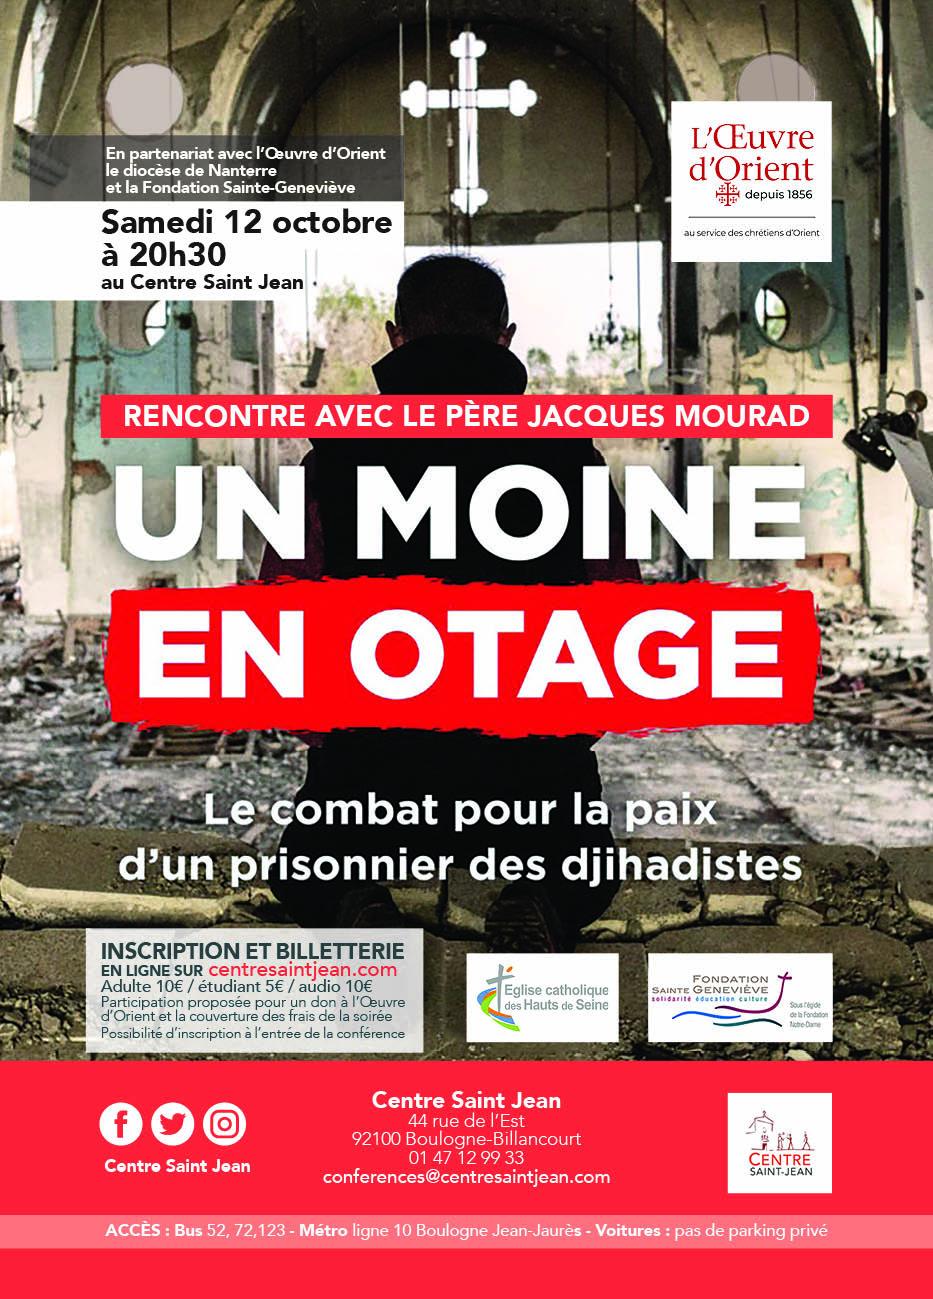 Rencontre avec le Père Jacques Mourad Un moine en otage – Le 12 octobre 2019 à Boulogne (92)